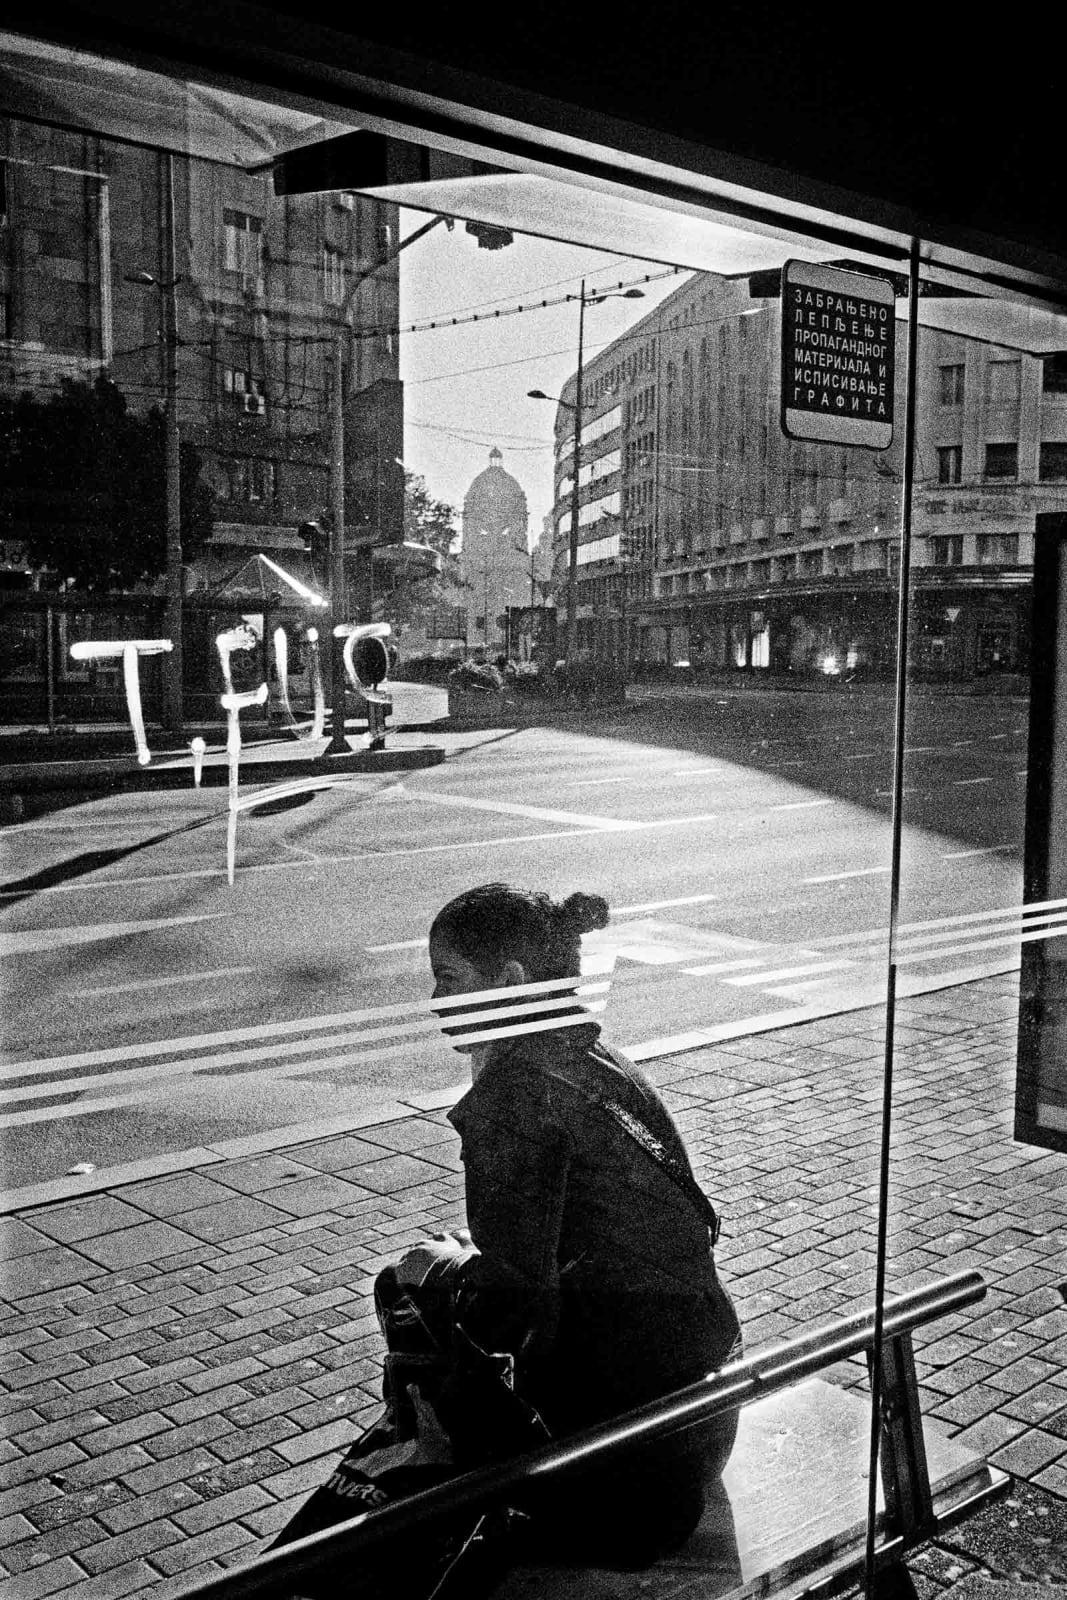 Jean-Christophe Béchet Belgrade, Serbie Tirage gélatino-argentique, réalisé par l'artiste 16,7 x 25,1 cm Dim. papier: 24 x 30 cm